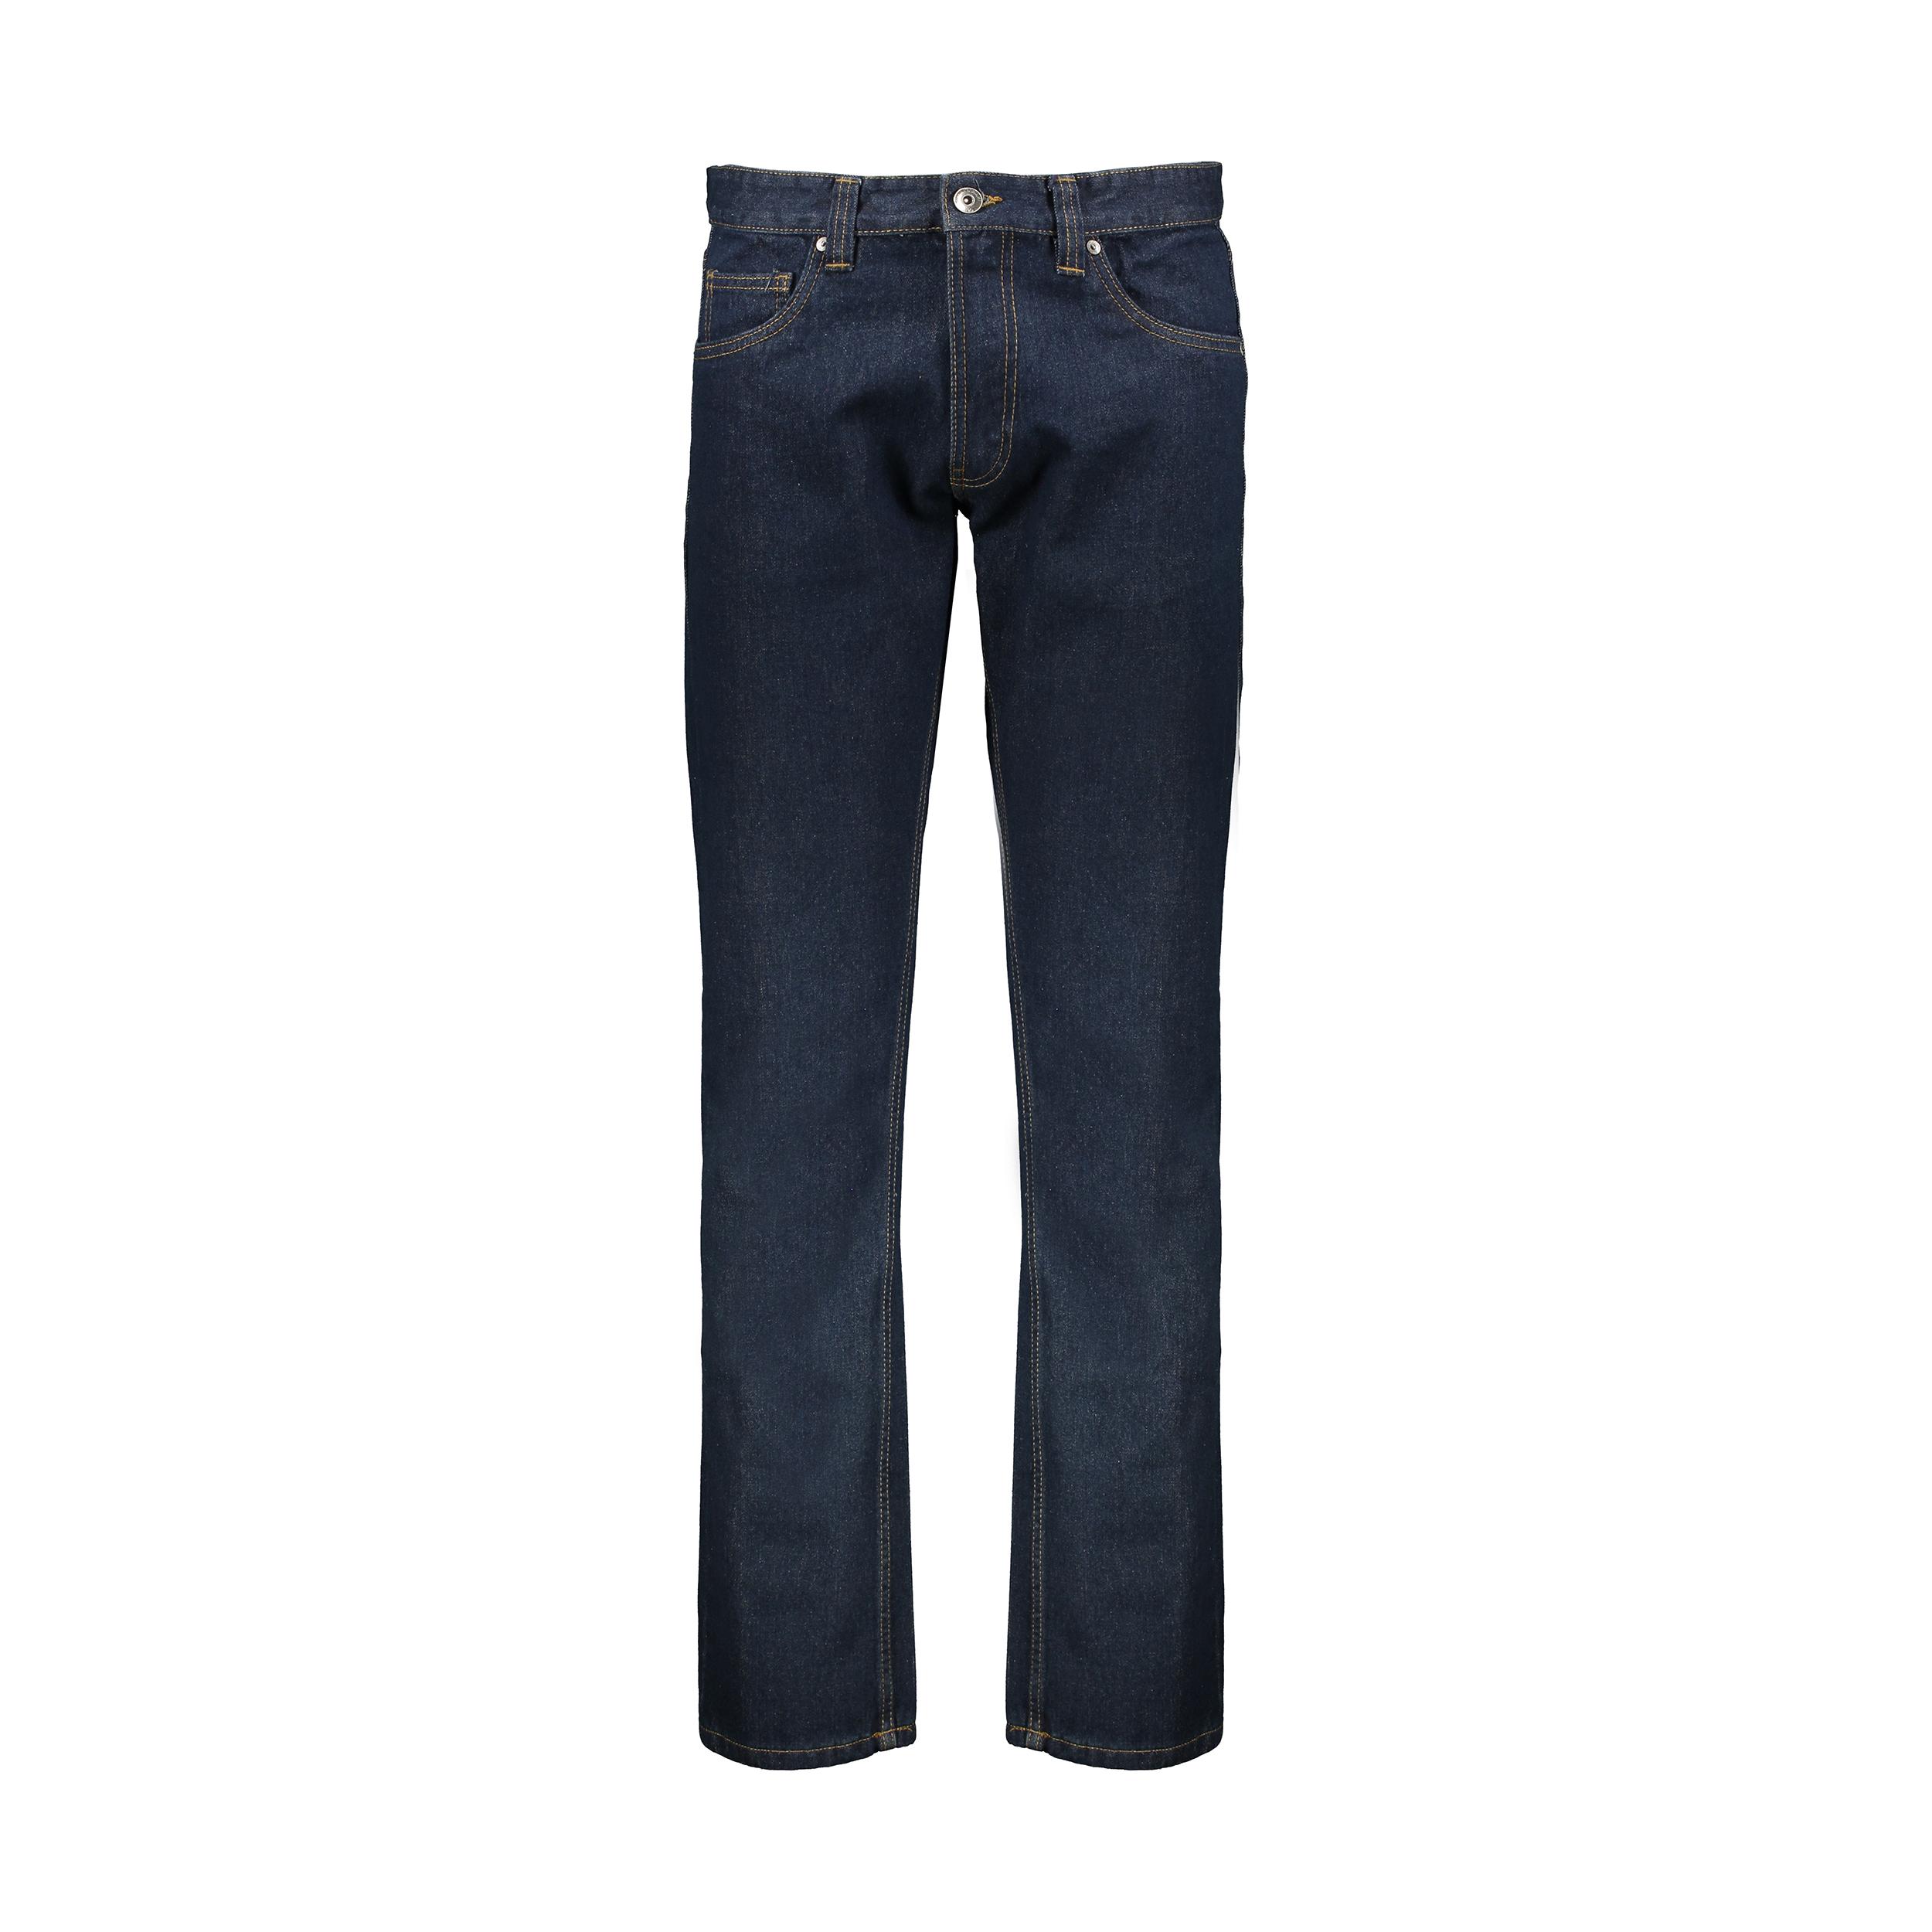 شلوار جین مردانه او وی اس مدل 008722397-BLUE